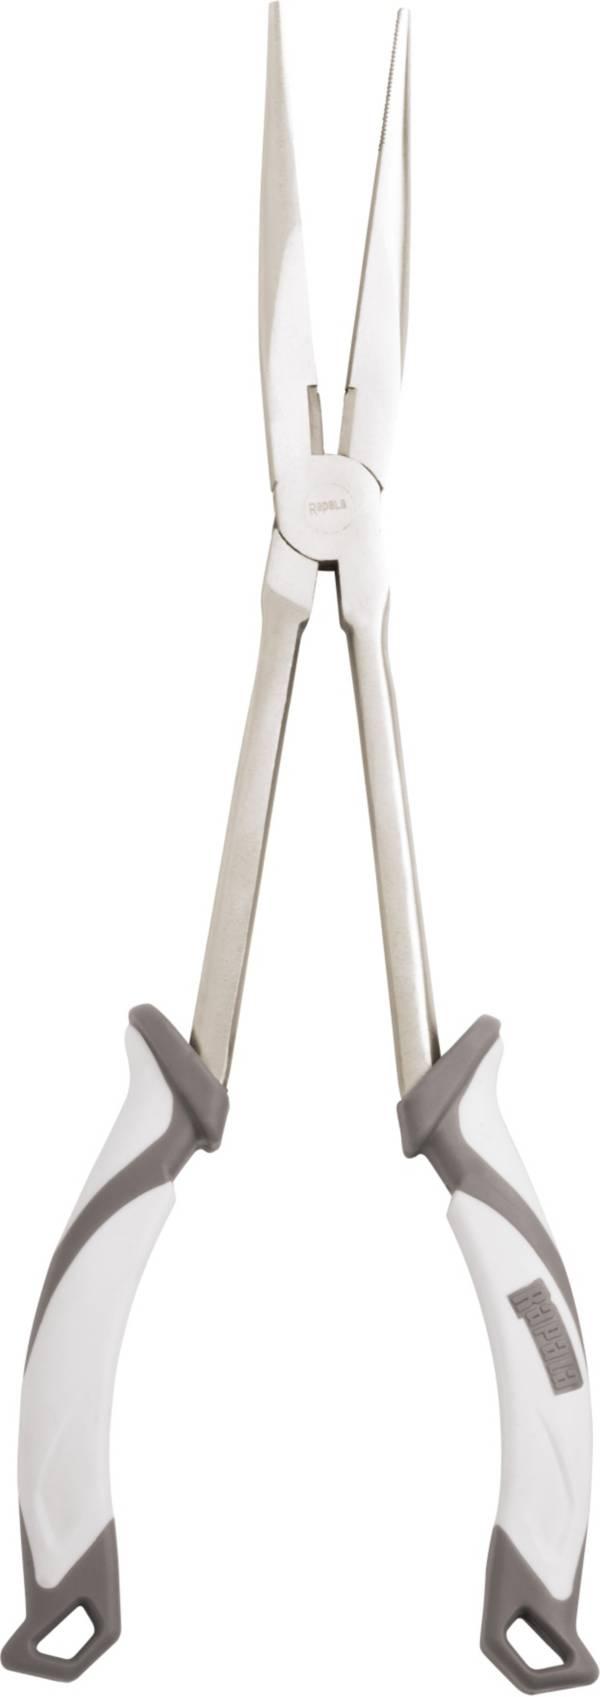 Rapala Salt Angler's Pliers product image